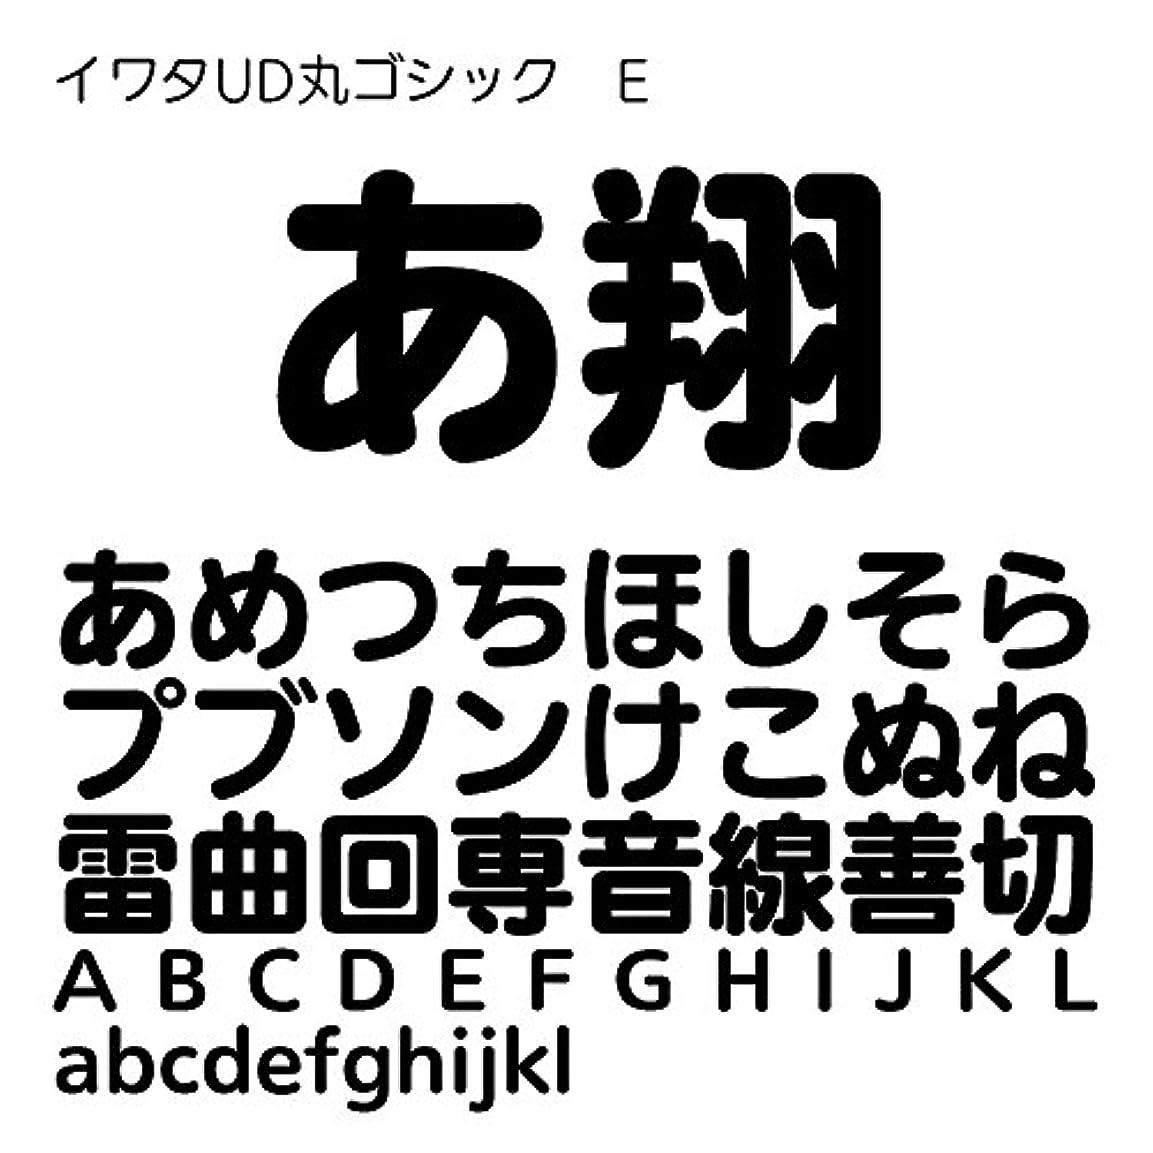 イワタUD丸ゴシックE TrueType Font for Windows [ダウンロード]